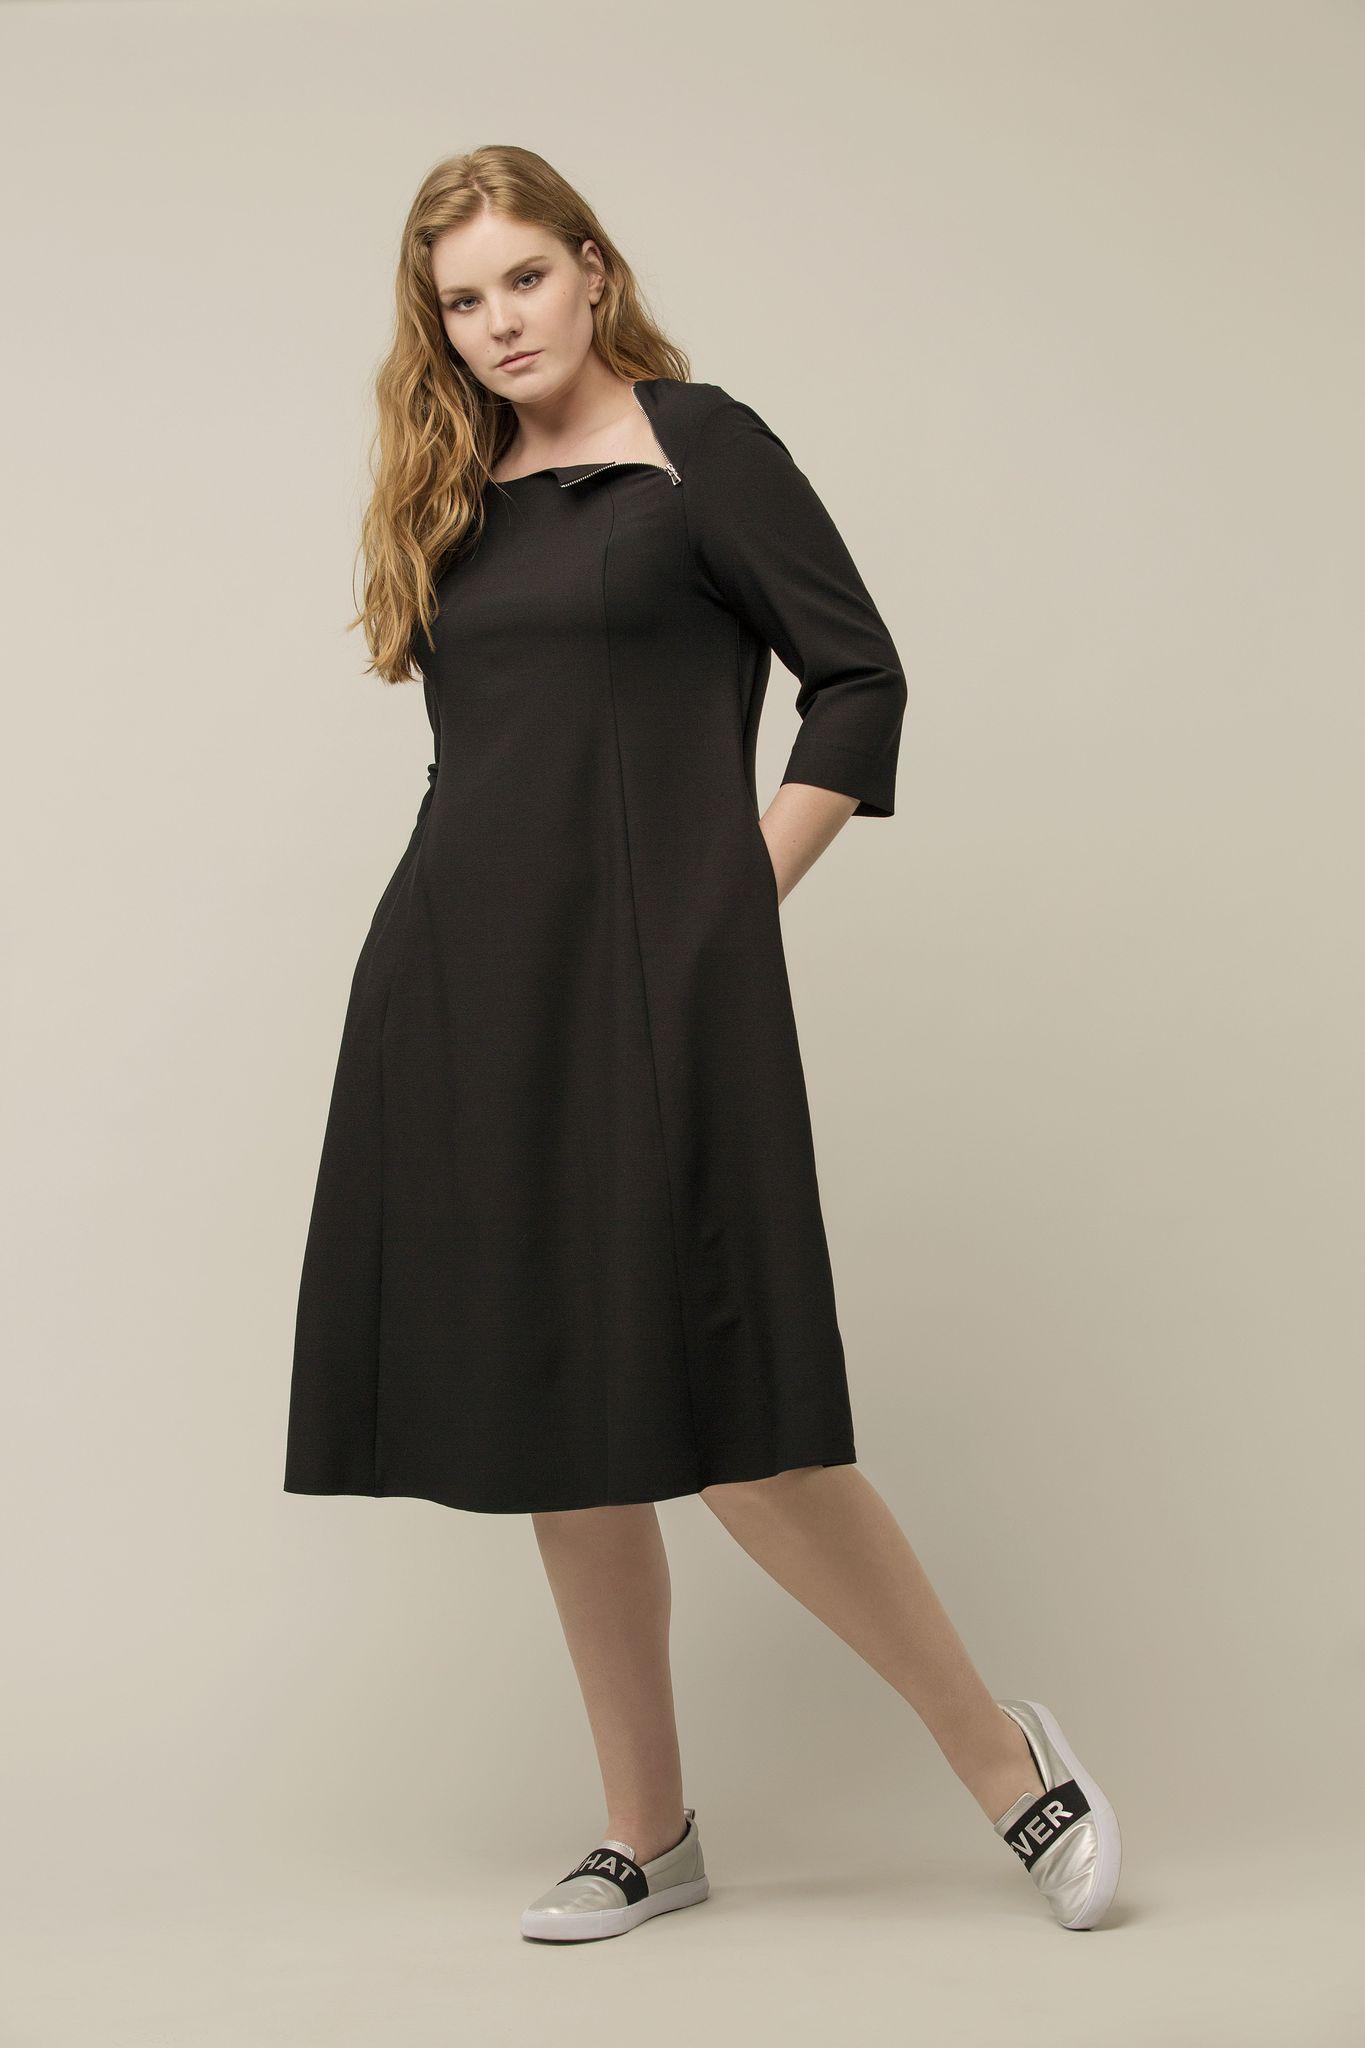 Платье LE-04 D05 01Платья<br>Простое и лаконичное платье из лимитированной капсулы LE-4. Продуманный крой, хороший черный и две молнии на горловине. А-силуэт, рукава 3/4, ничего лишнего.<br>